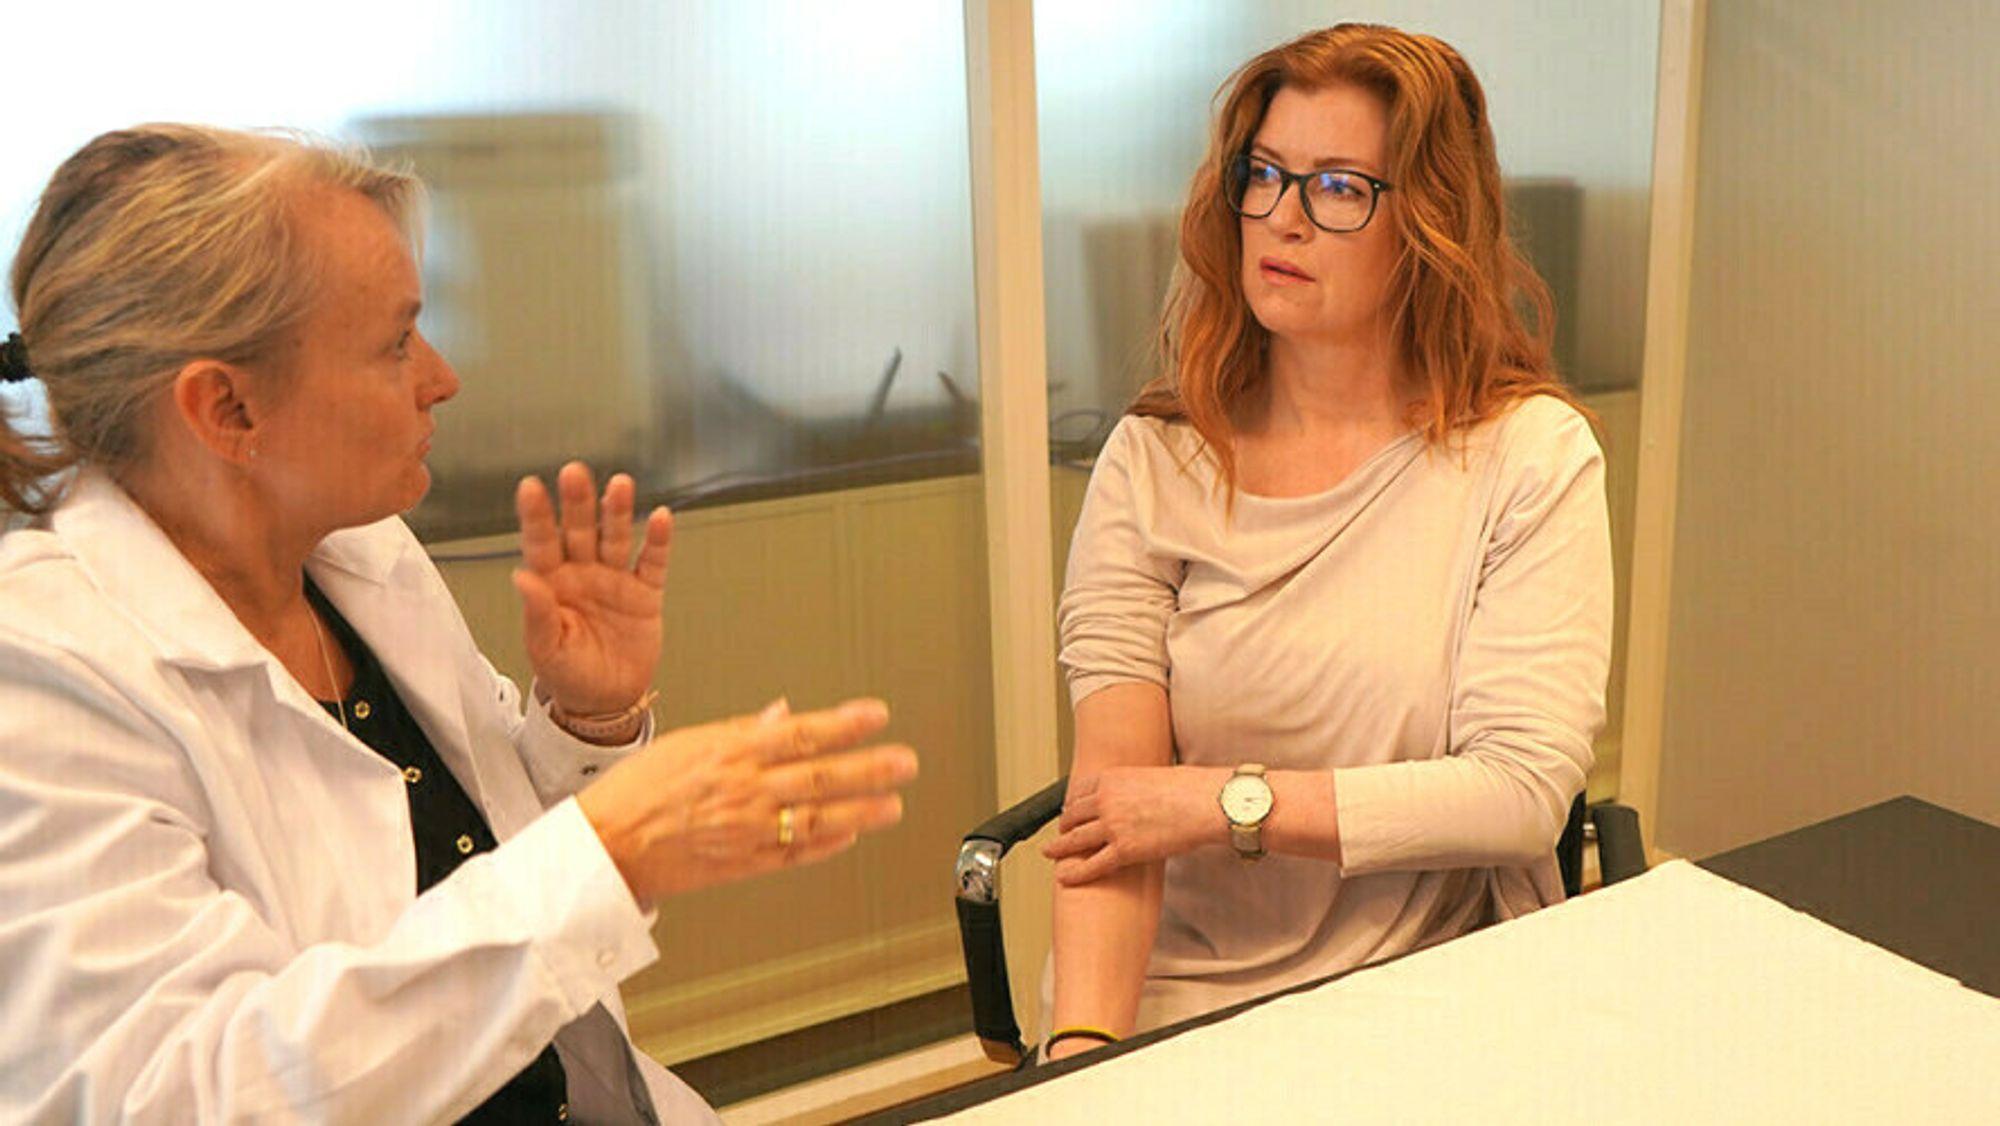 Bioingeniør Siv Eide Kaland i Vitas tar blodprøver av testperson Cecilie Stenvik, som har gjennomgått COVID-19.